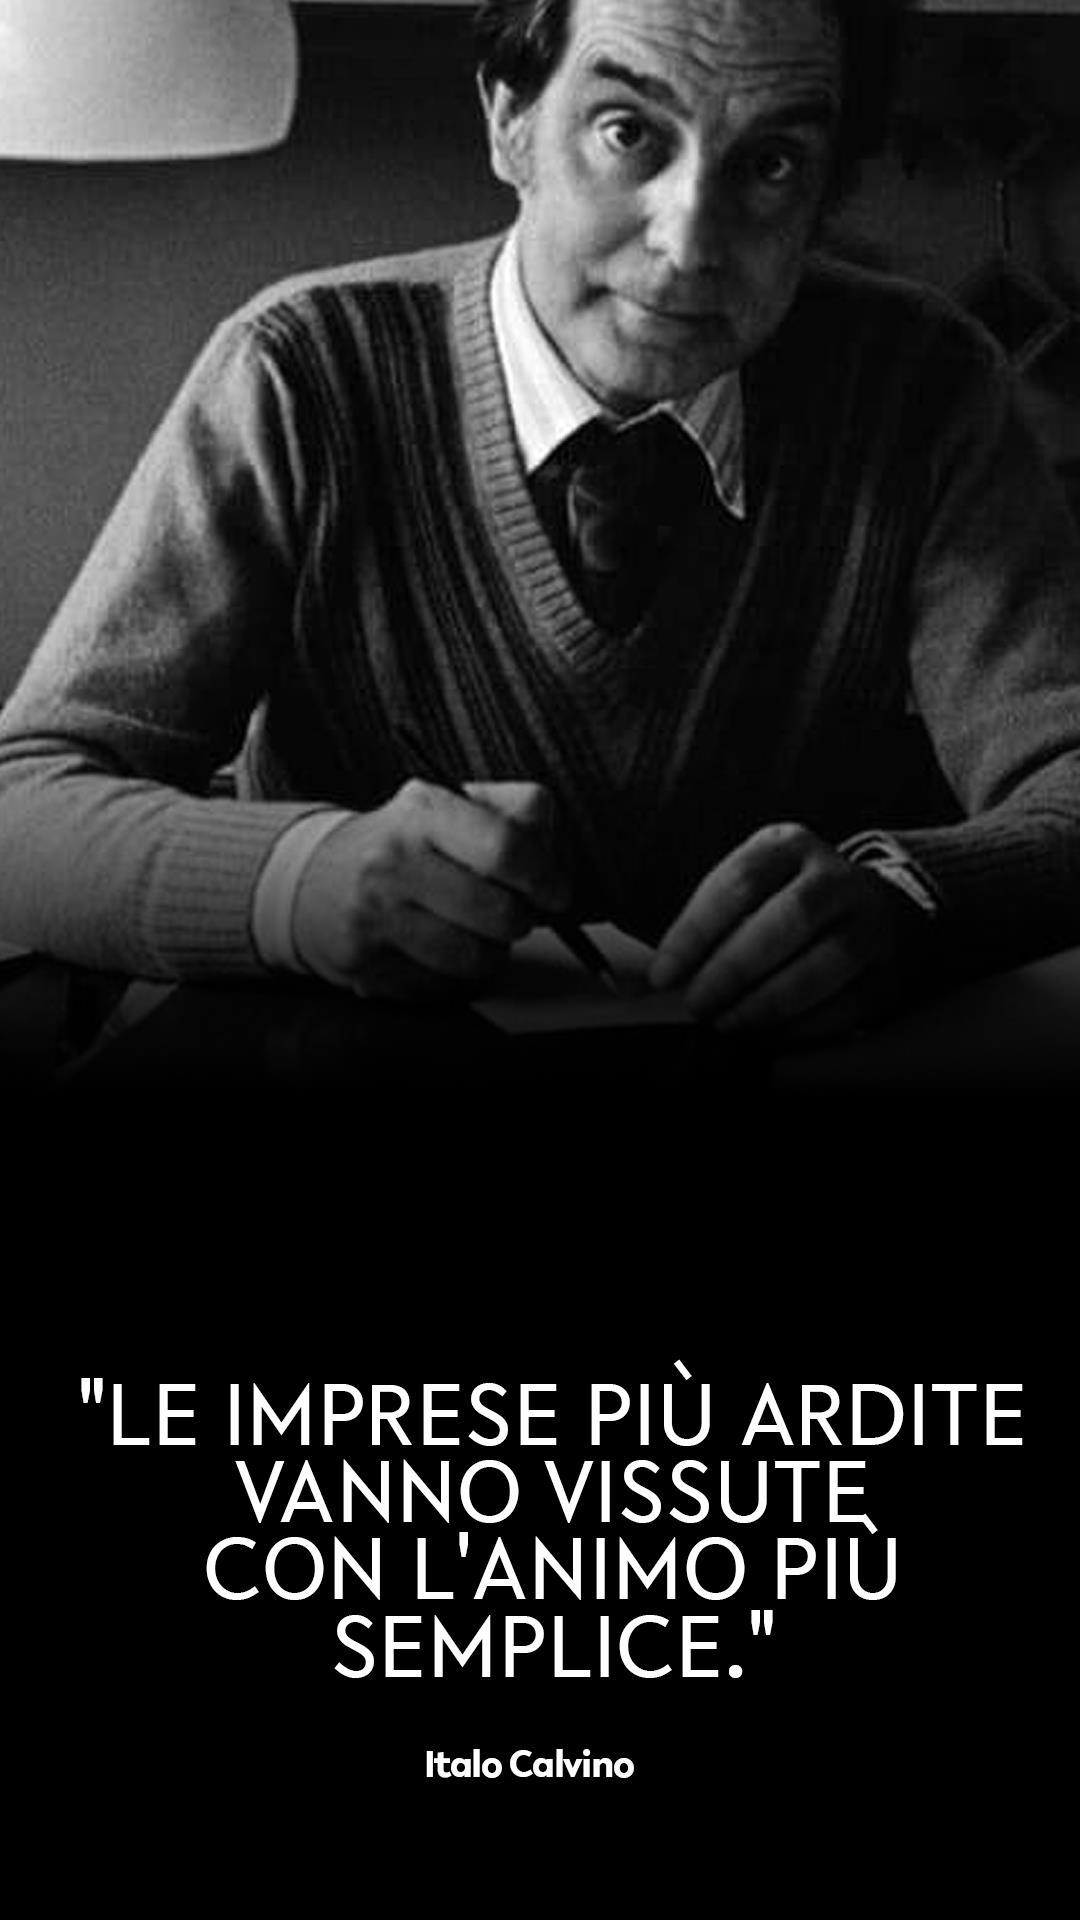 Italo Calvino: le frasi migliori e più iconiche dello scrittore